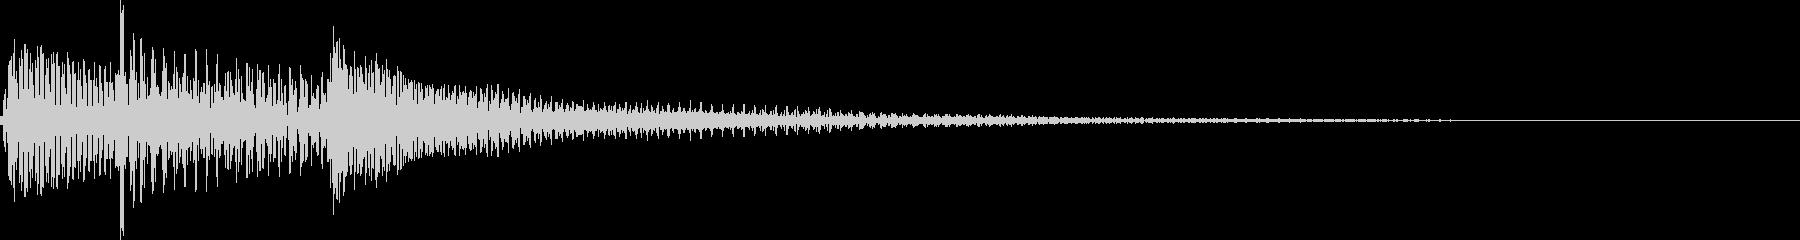 ポロロン(ギターかき鳴らし、決定)の未再生の波形